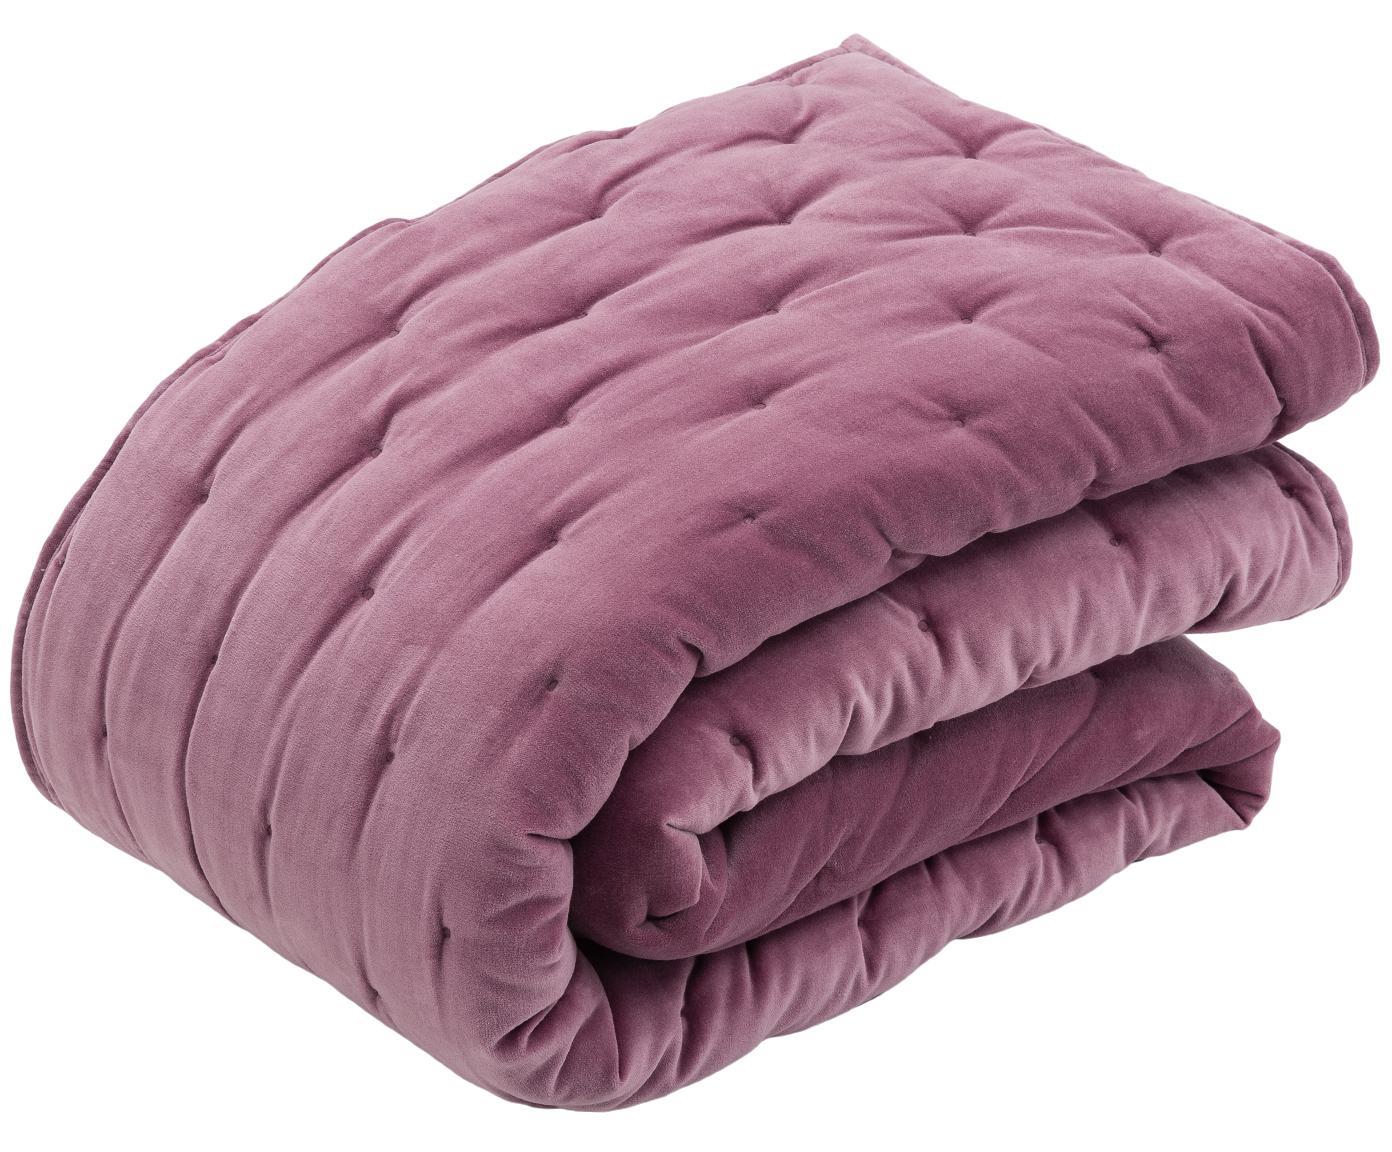 Colcha de terciopelo acolchada Cheryl, Parte delantera: terciopelo de algodón, Parte trasera: algodón, Malva, An 160 x L 220 cm